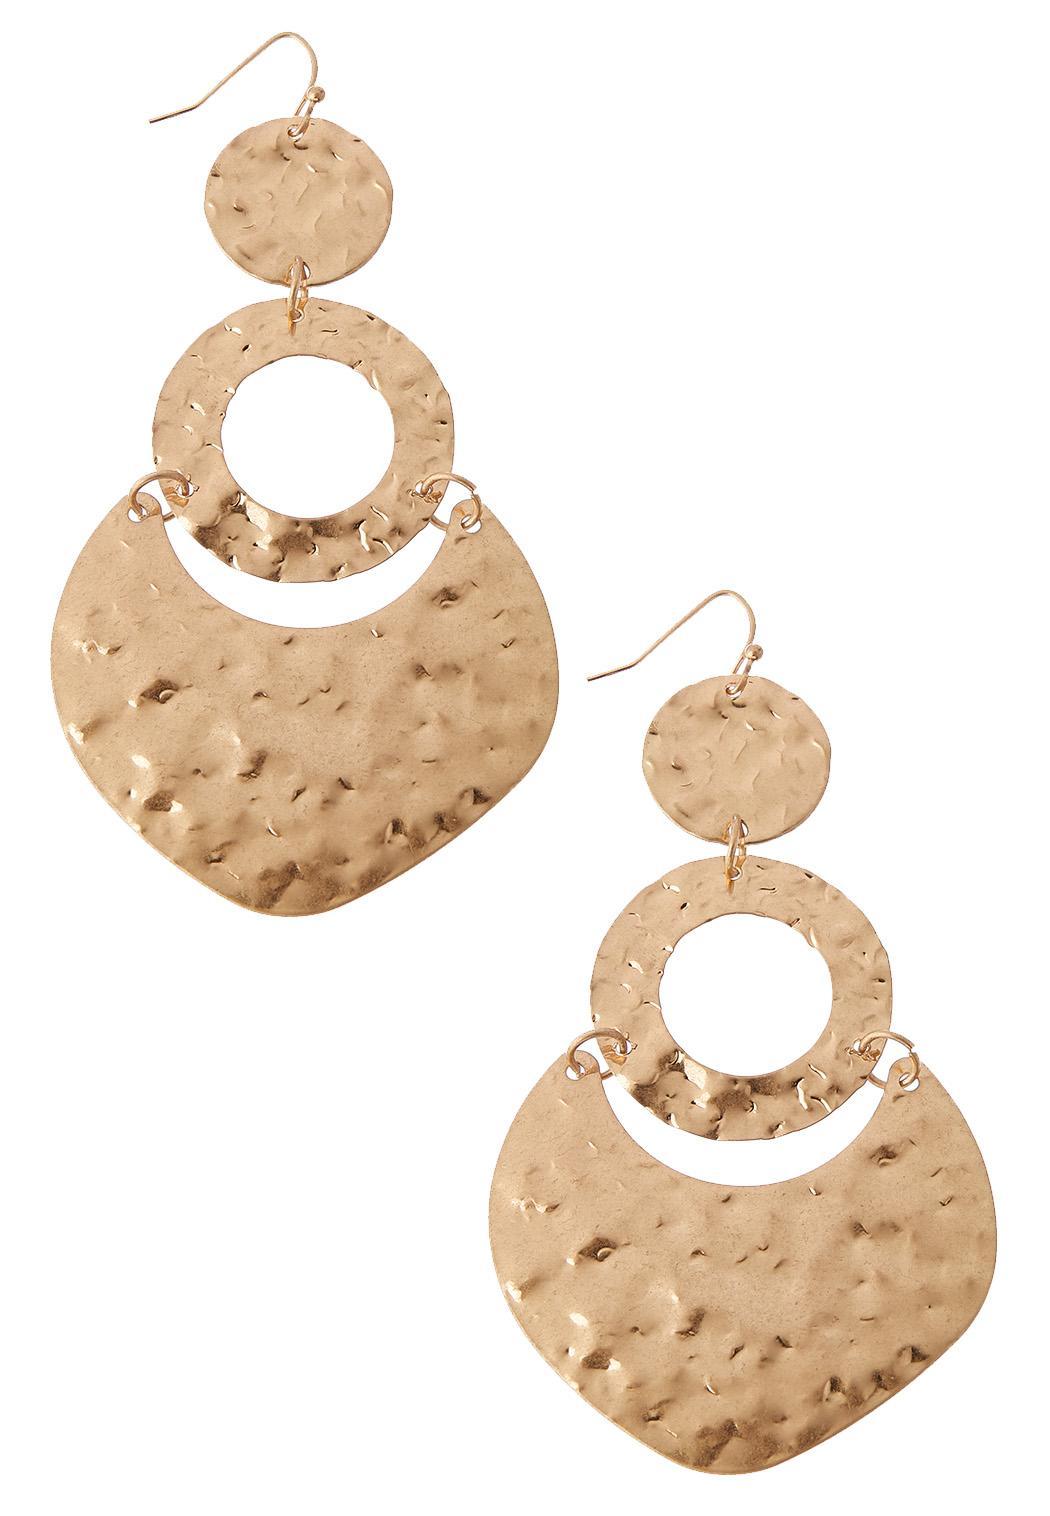 Hammered Metal Ring Earrings